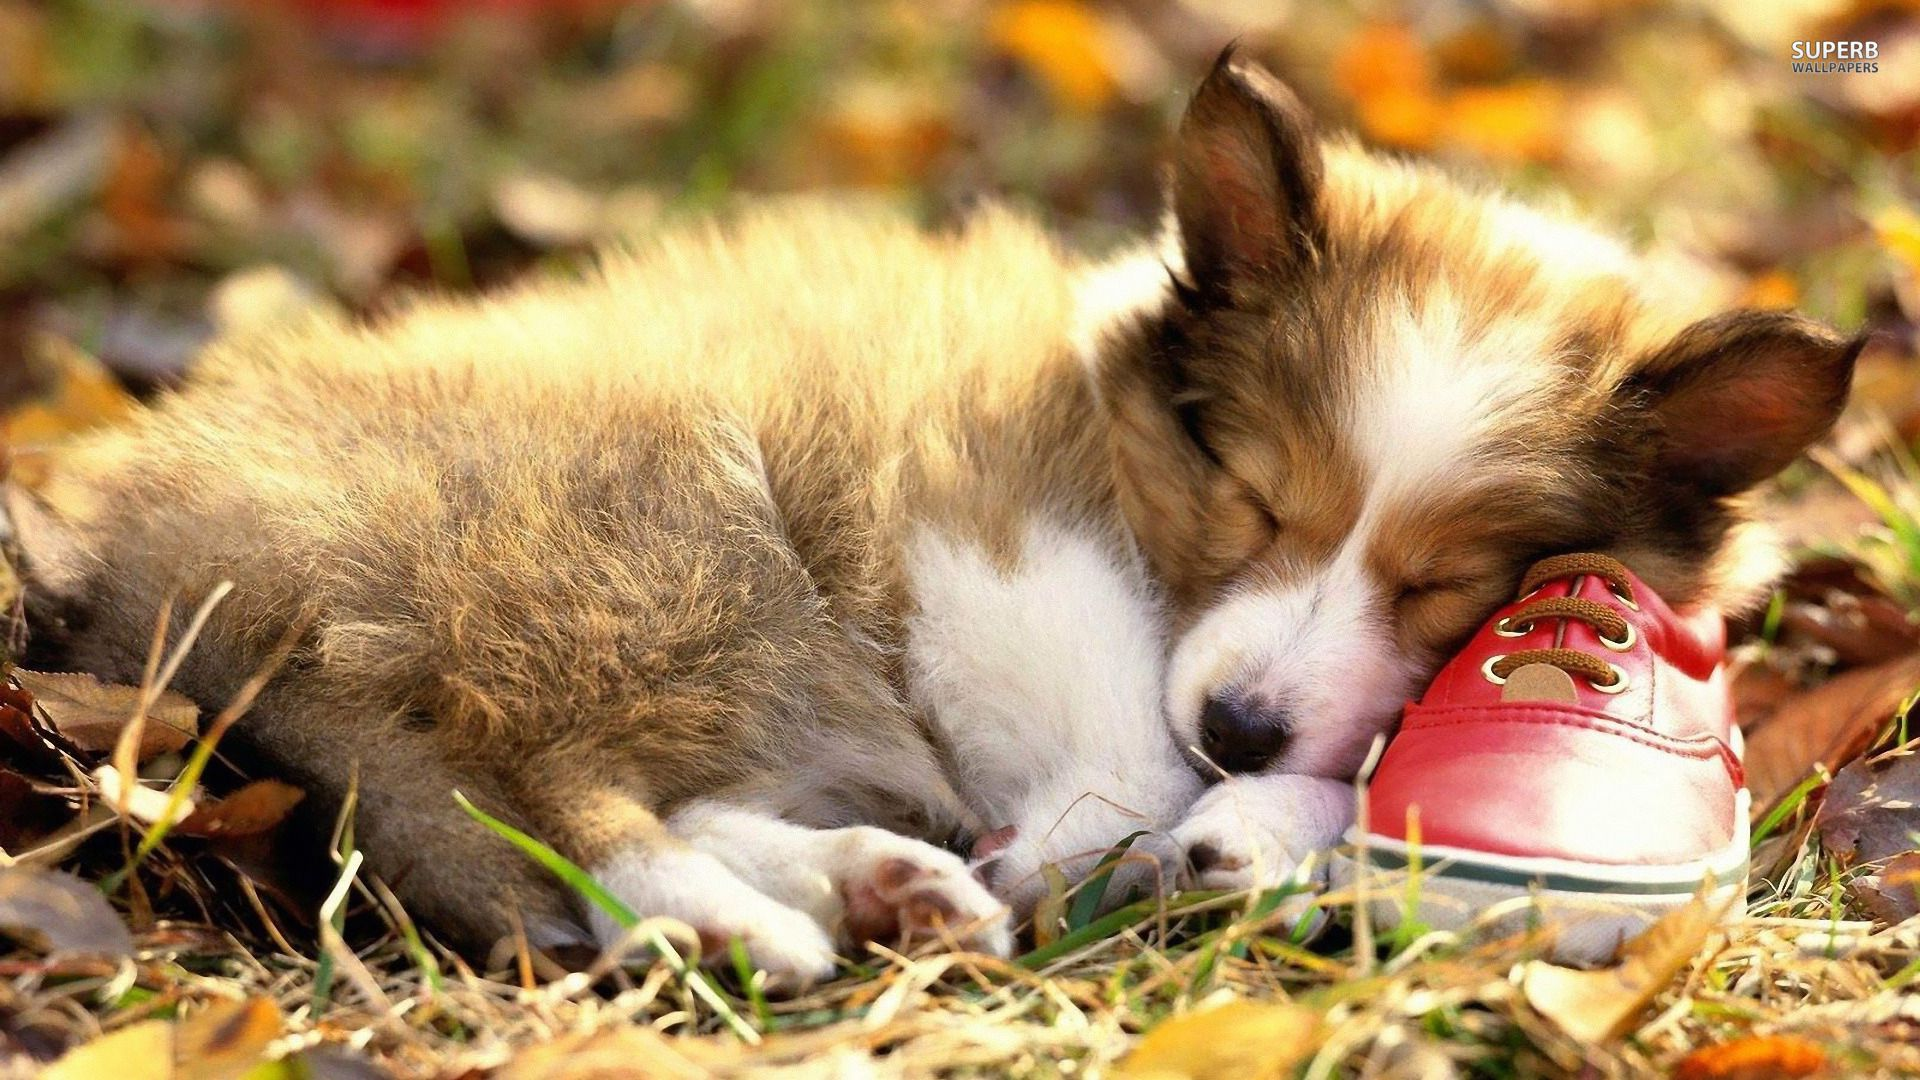 Download Cute Welsh Corgi Puppy Wallpaper Desktop 6t0 Ngepluk Com Stuffed Animals Cho Dễ Thương động Vật Dễ Thương Nhất